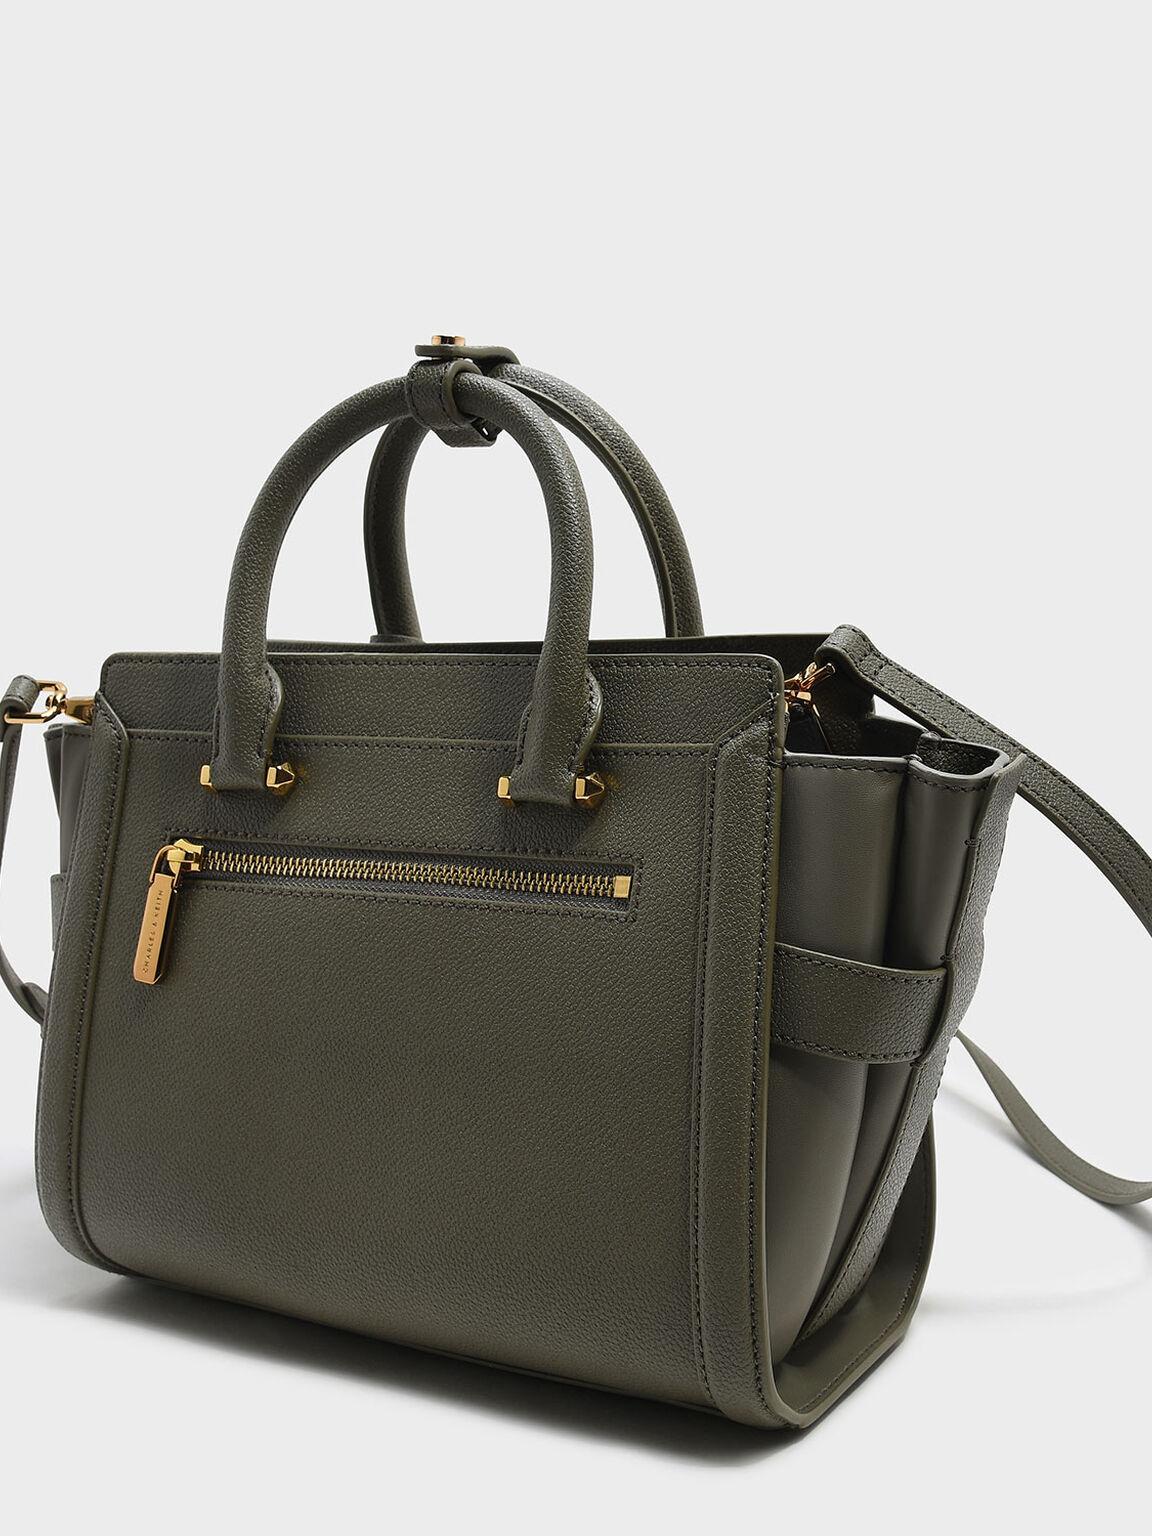 Trapeze Tote Bag, Olive, hi-res